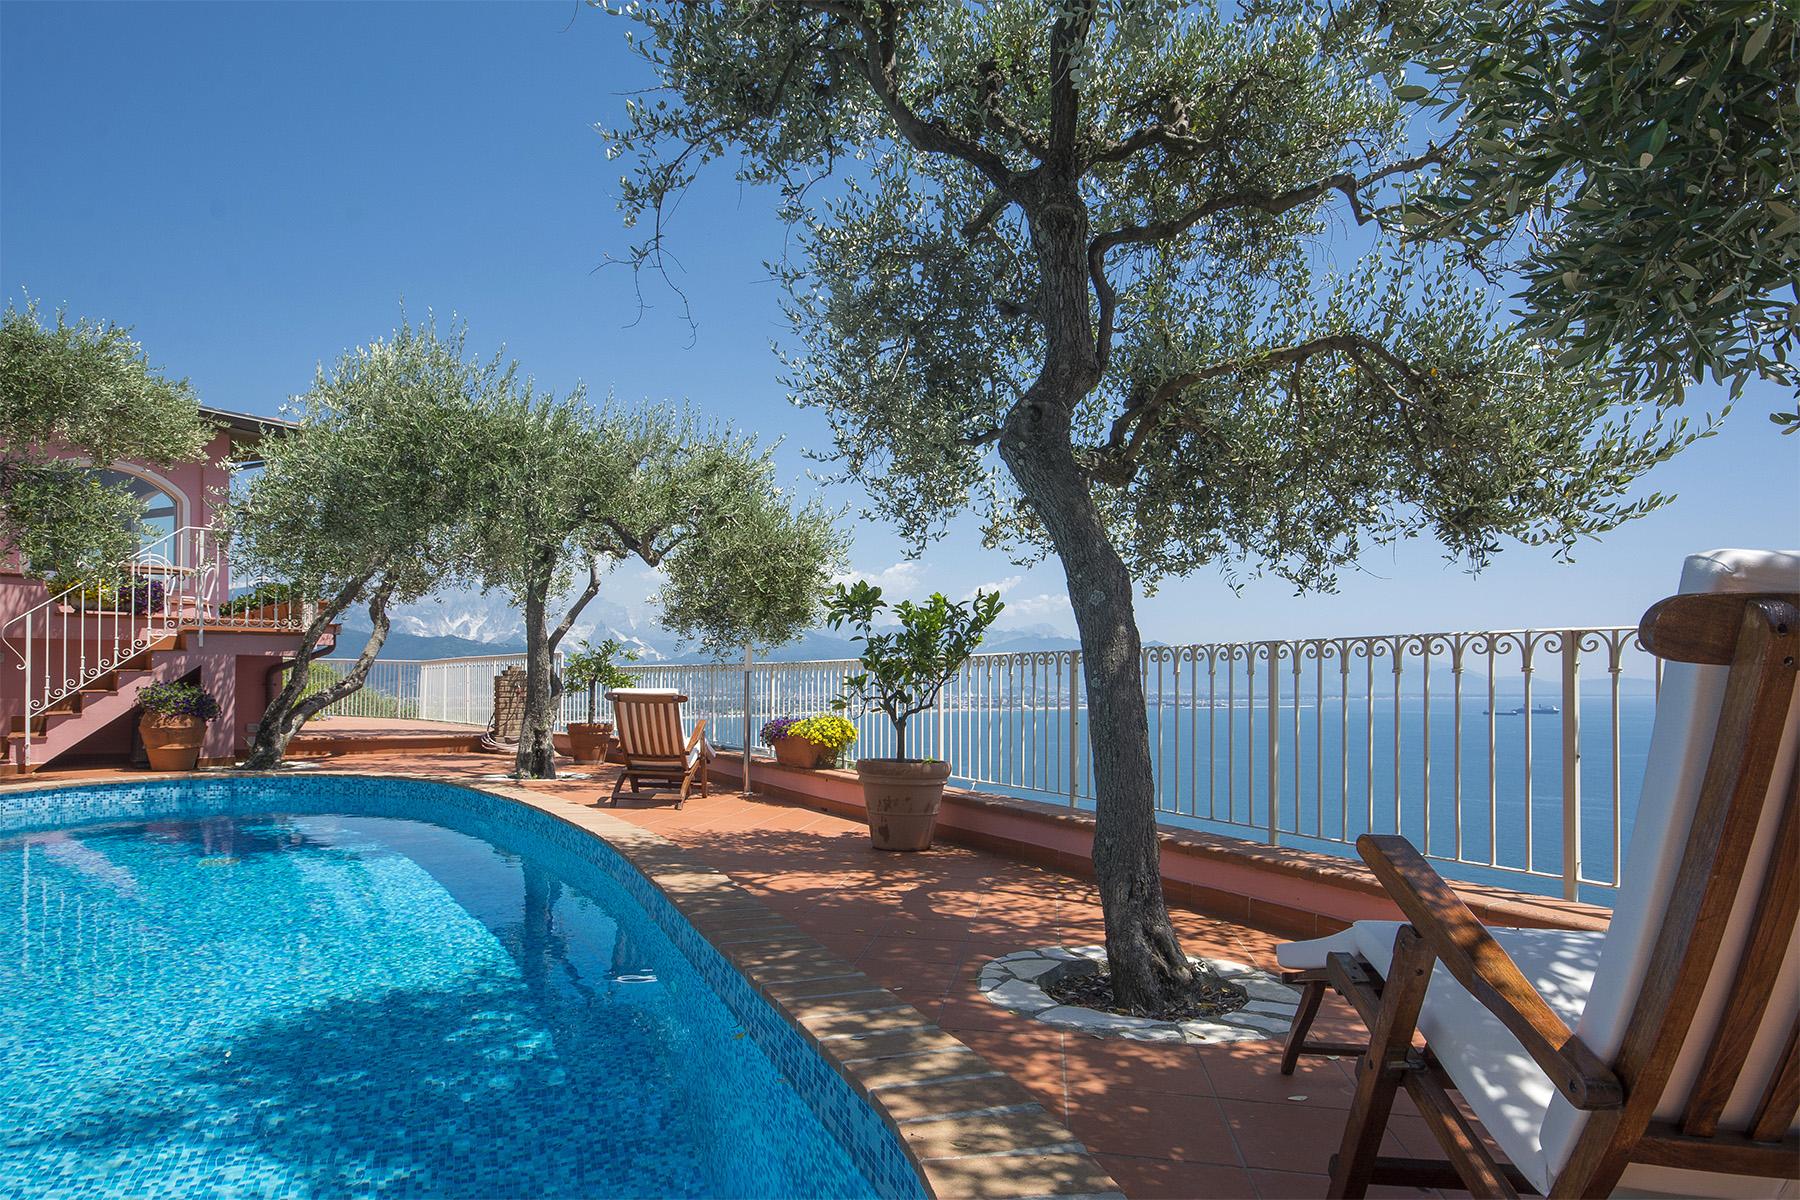 Villa in Vendita a Ameglia: 5 locali, 200 mq - Foto 4